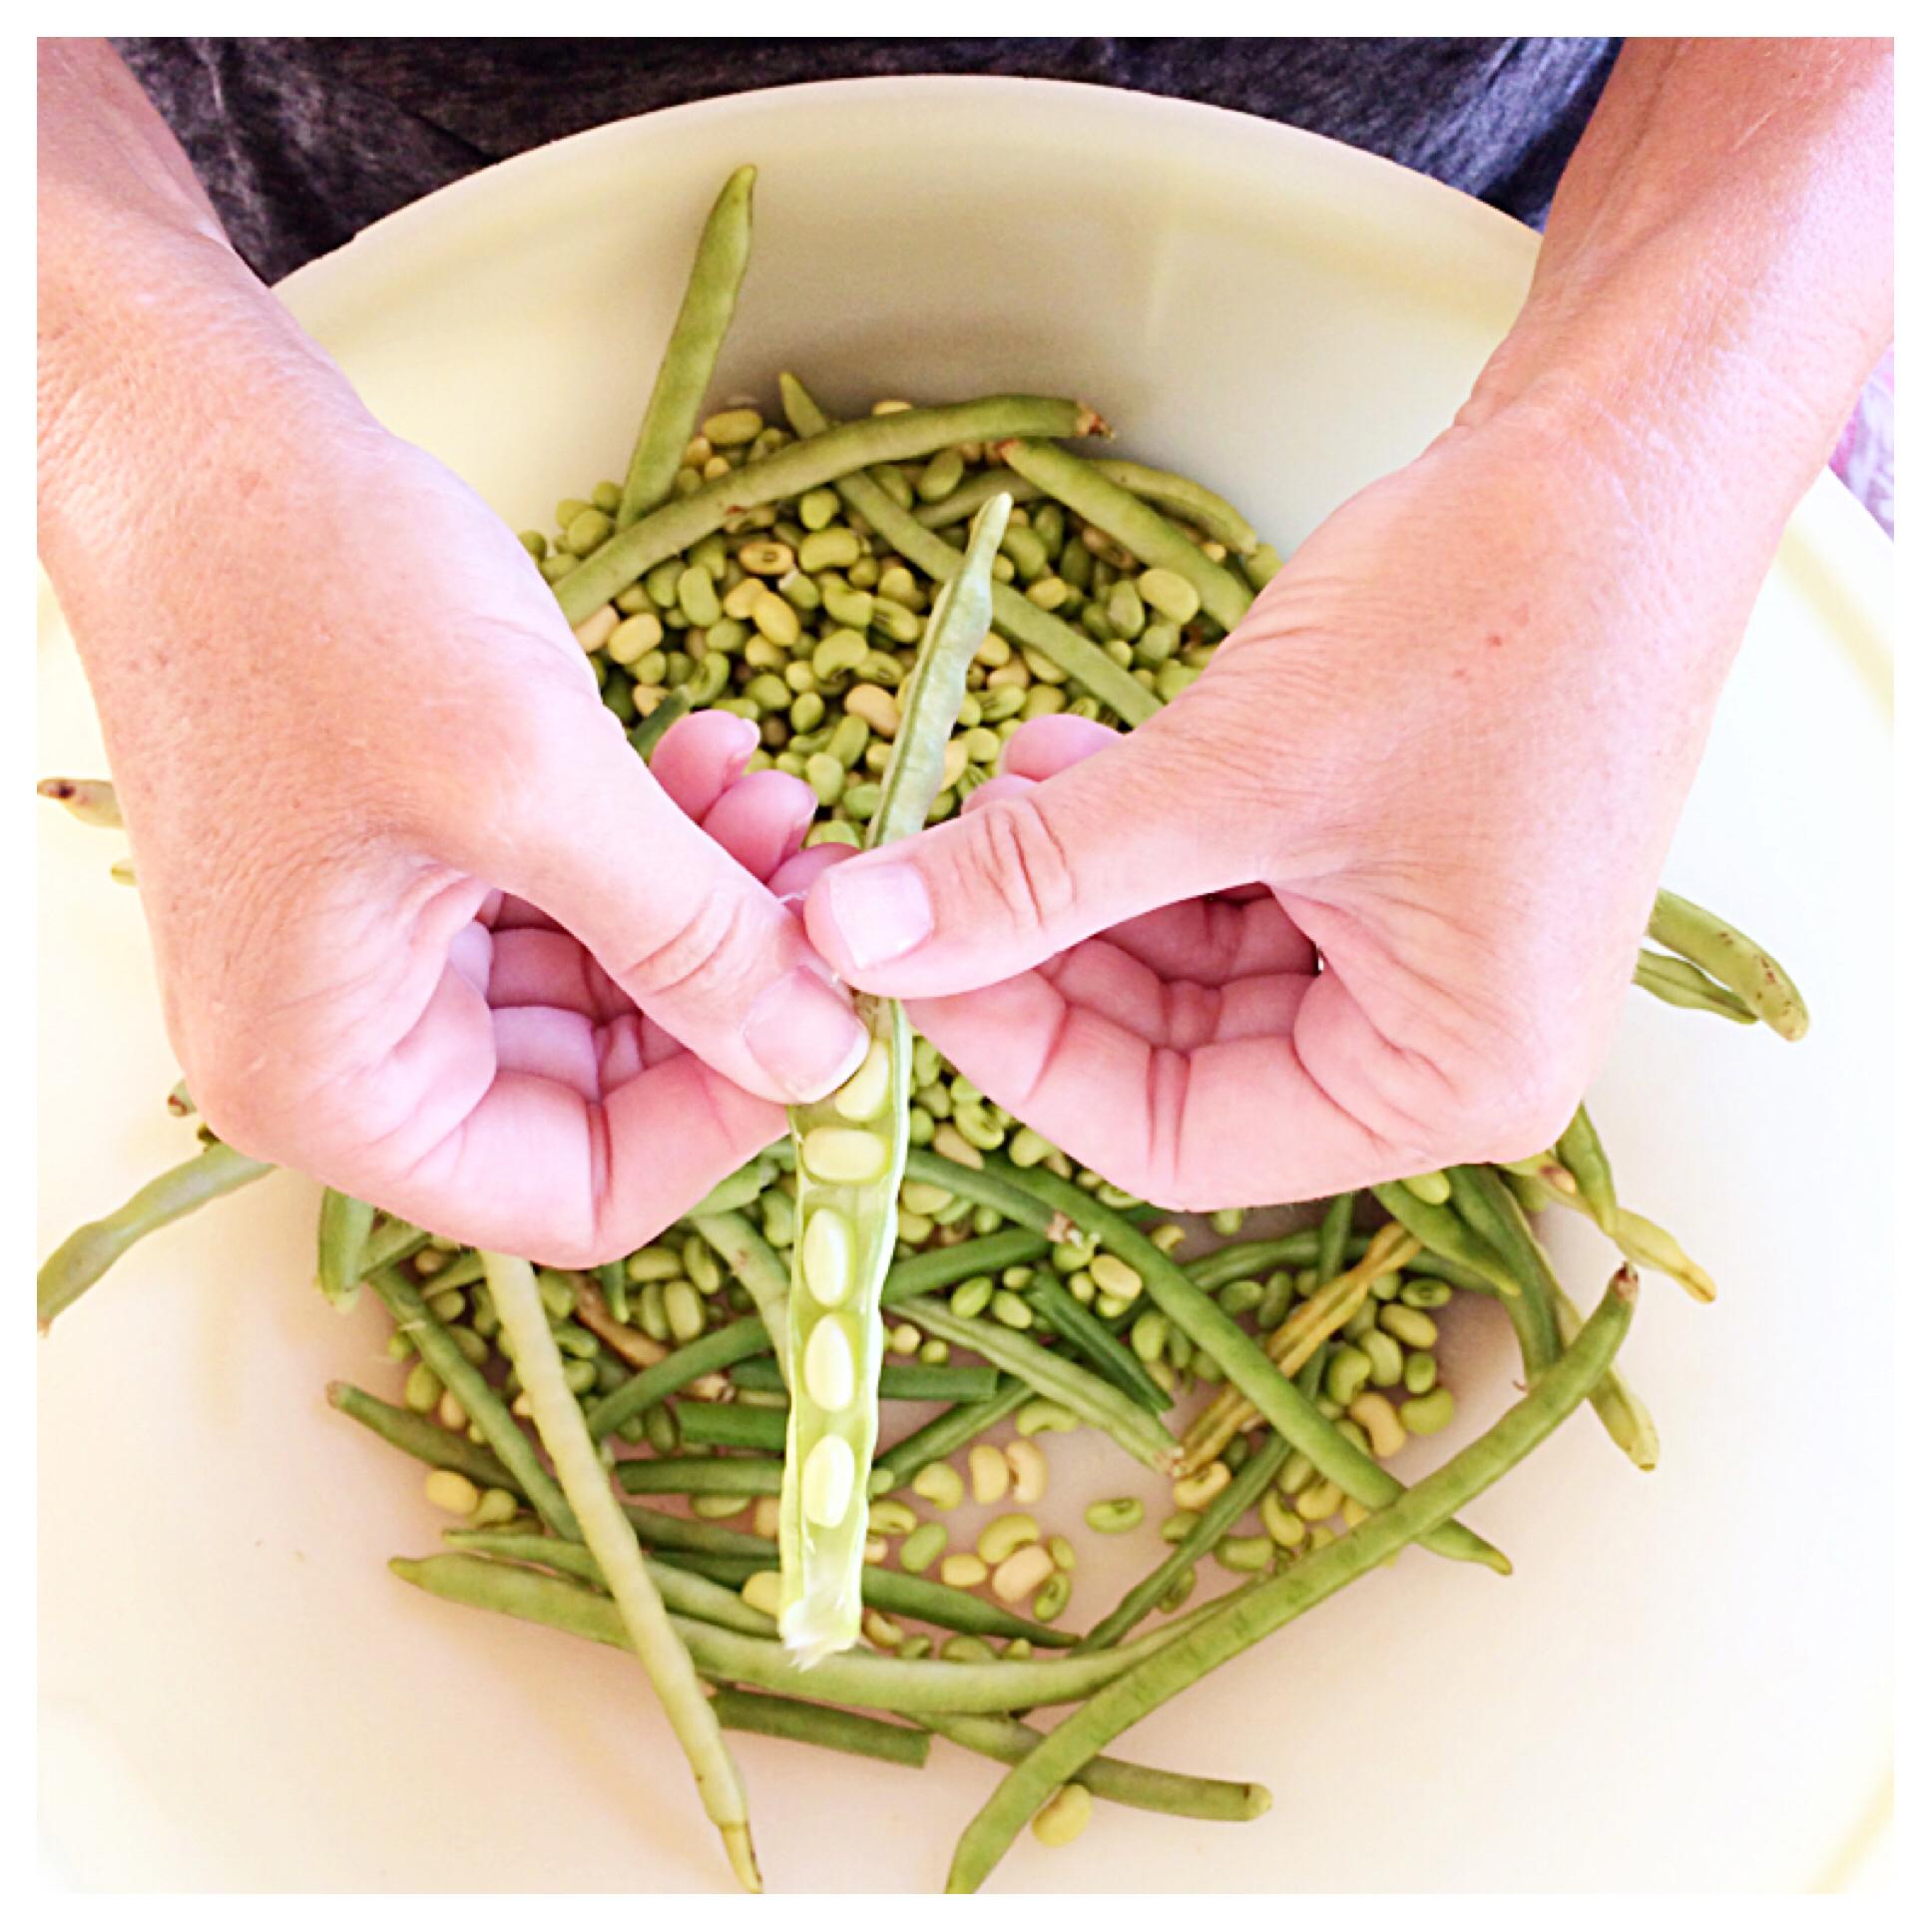 Shelling Peas.jpg